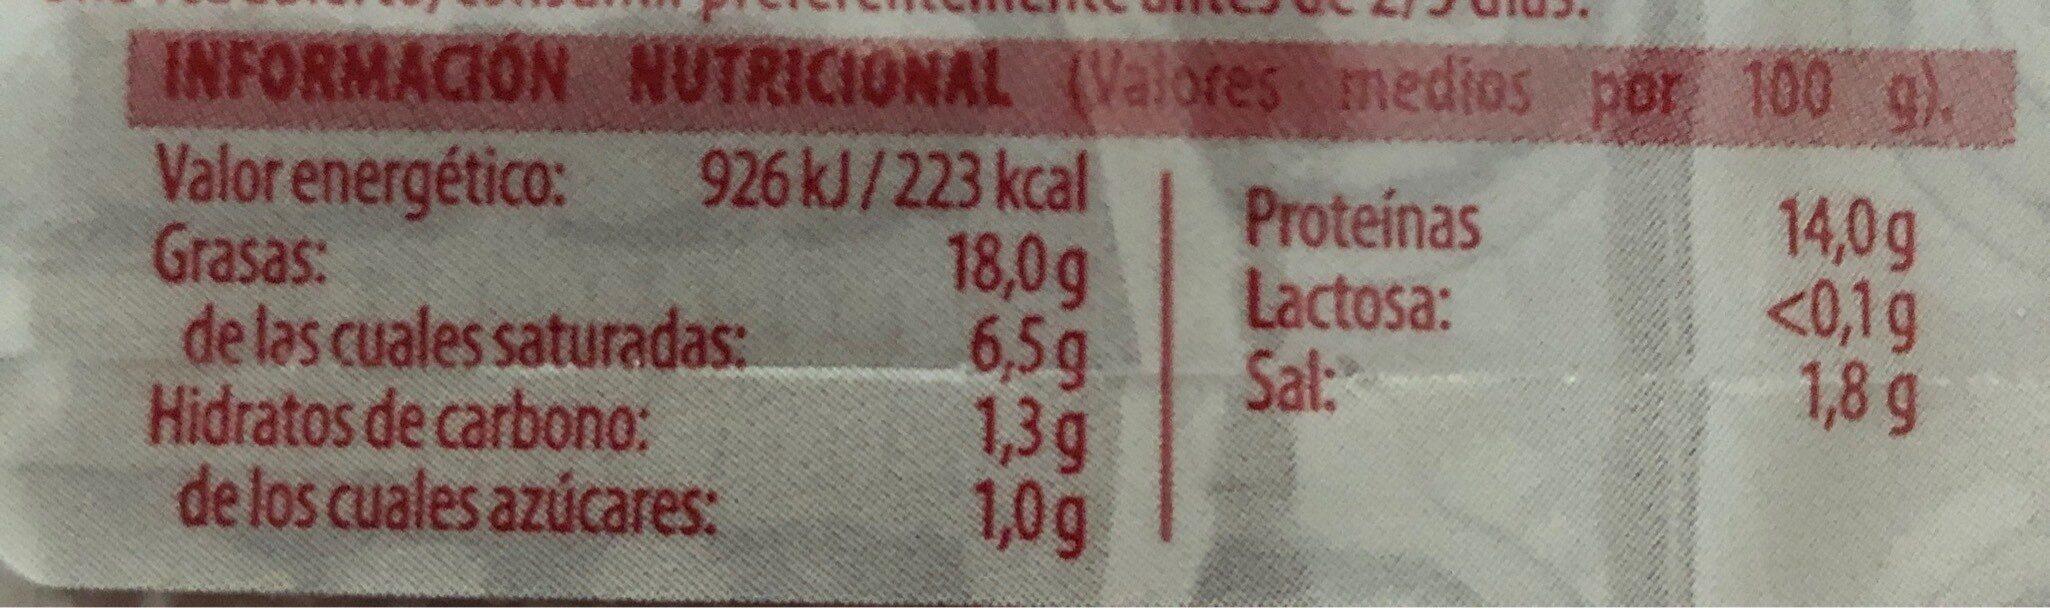 Tiras de bacon - Nutrition facts